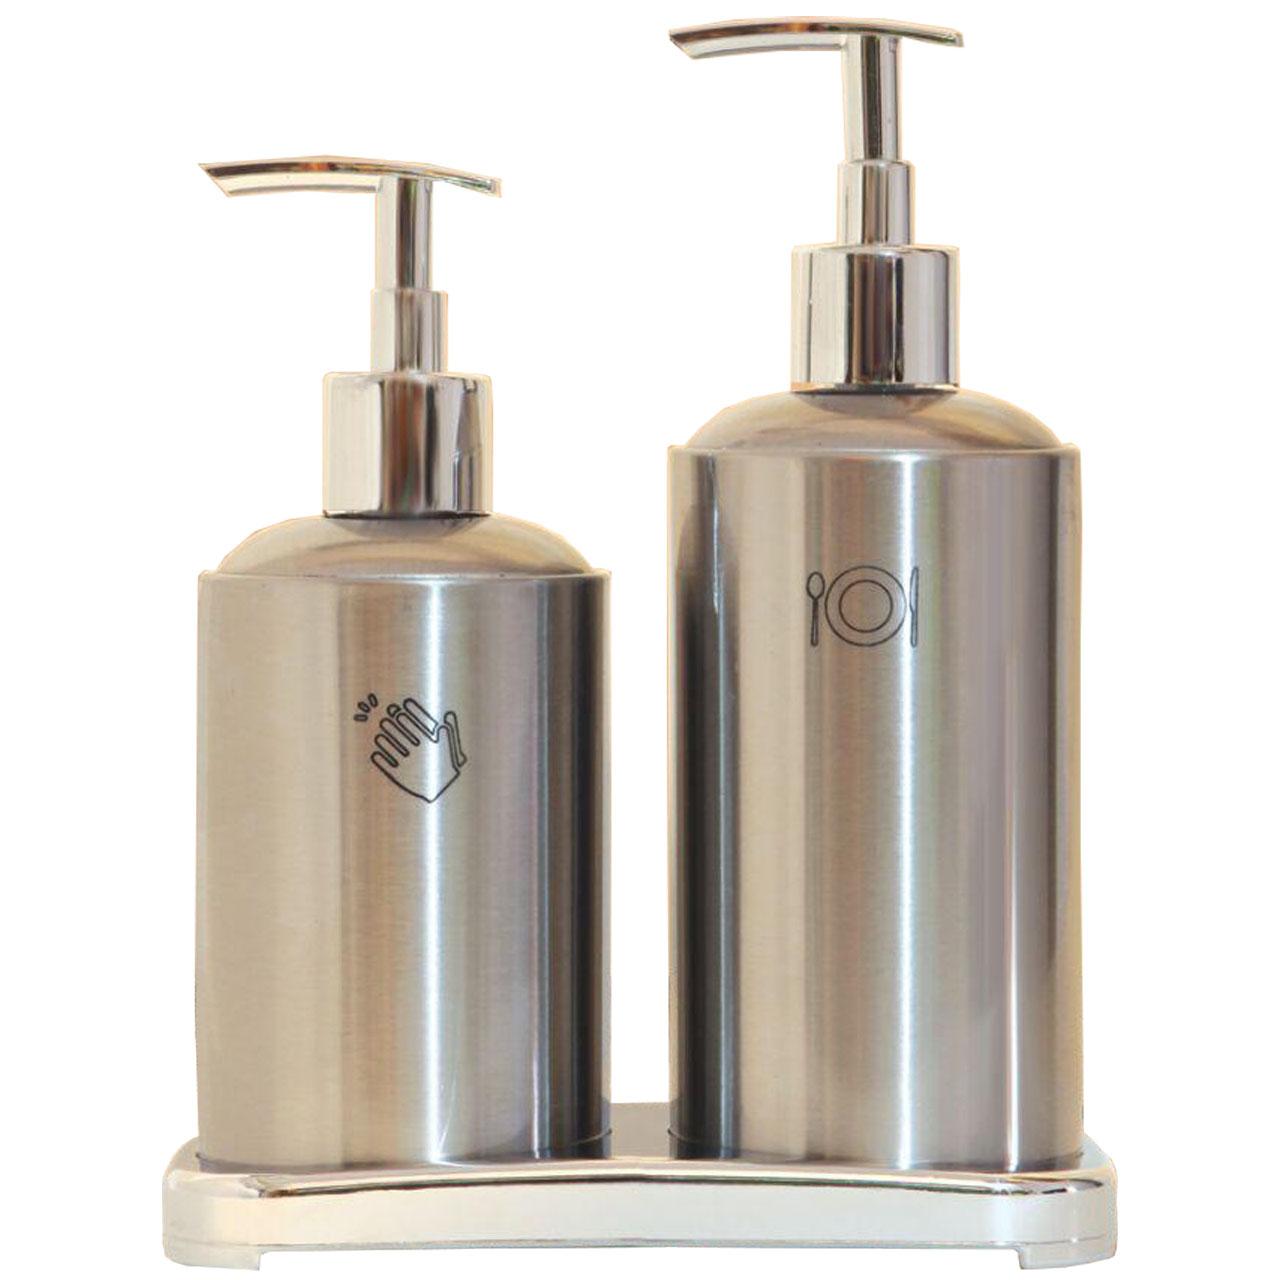 پمپ مایع دستشویی و ظرفشویی مدل 150